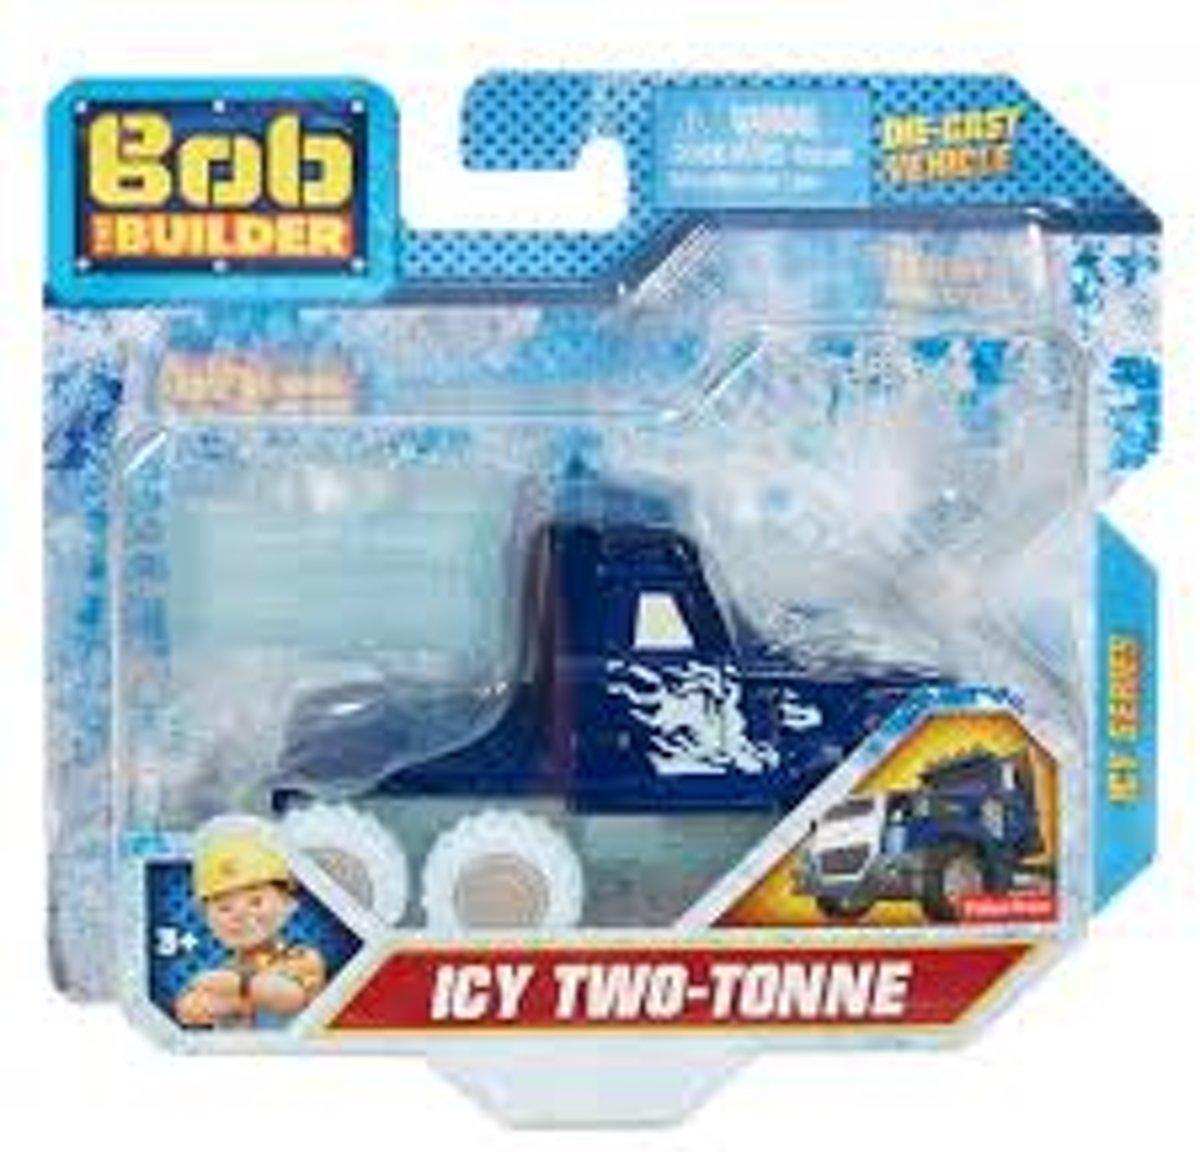 Bob de Bouwer Actie Voertuig - Icy Two-Tonne